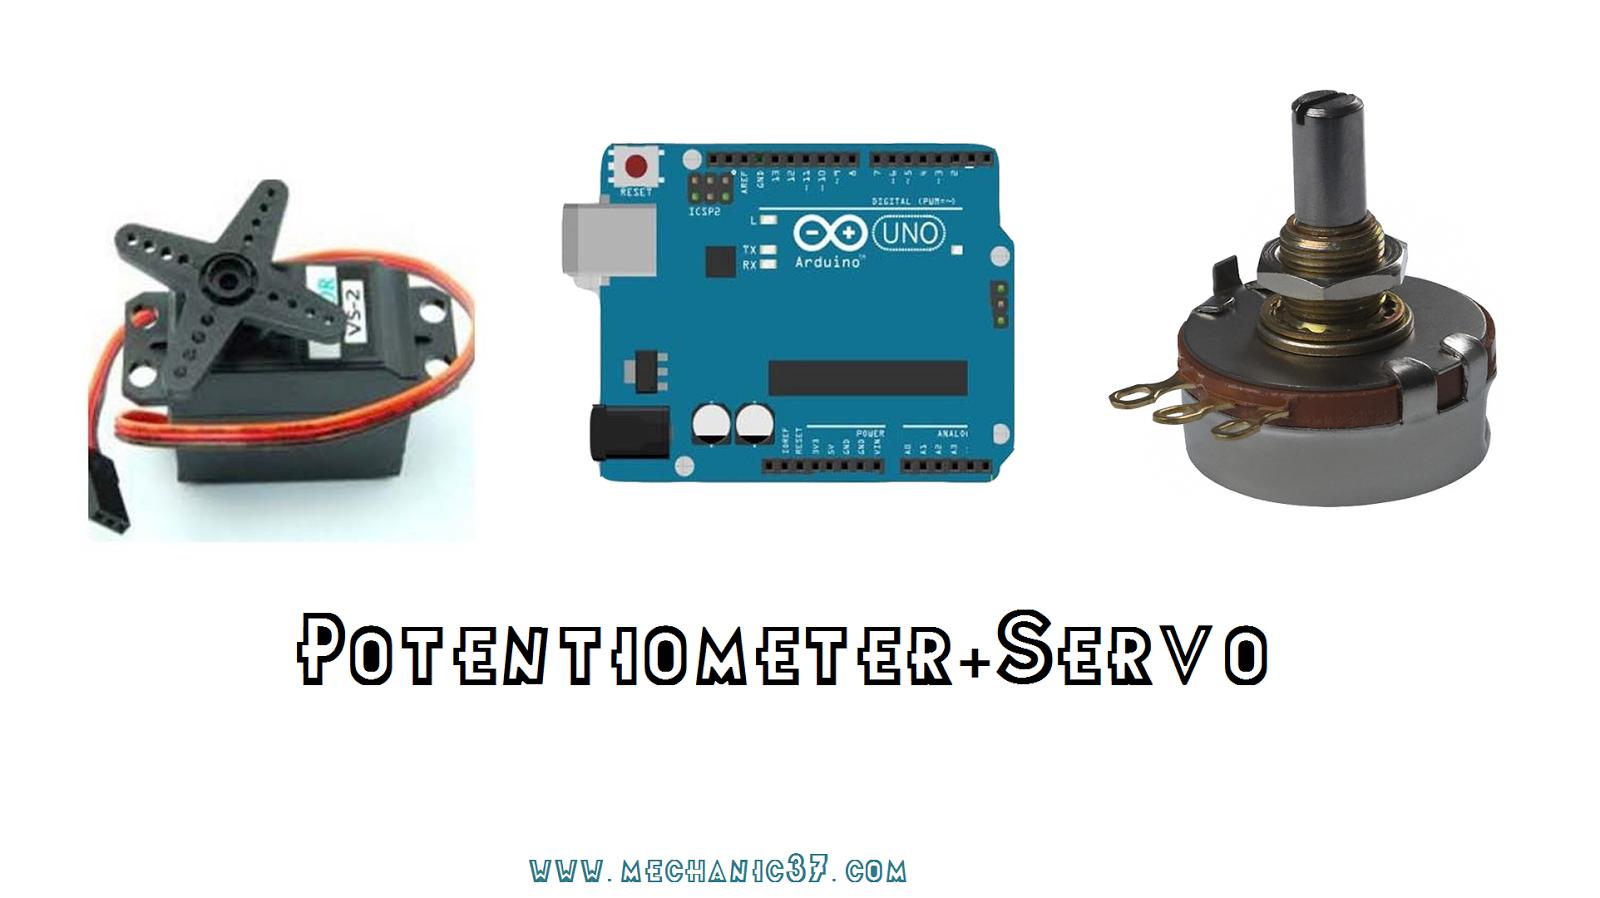 Control A Servo Motor Using Potentiometer